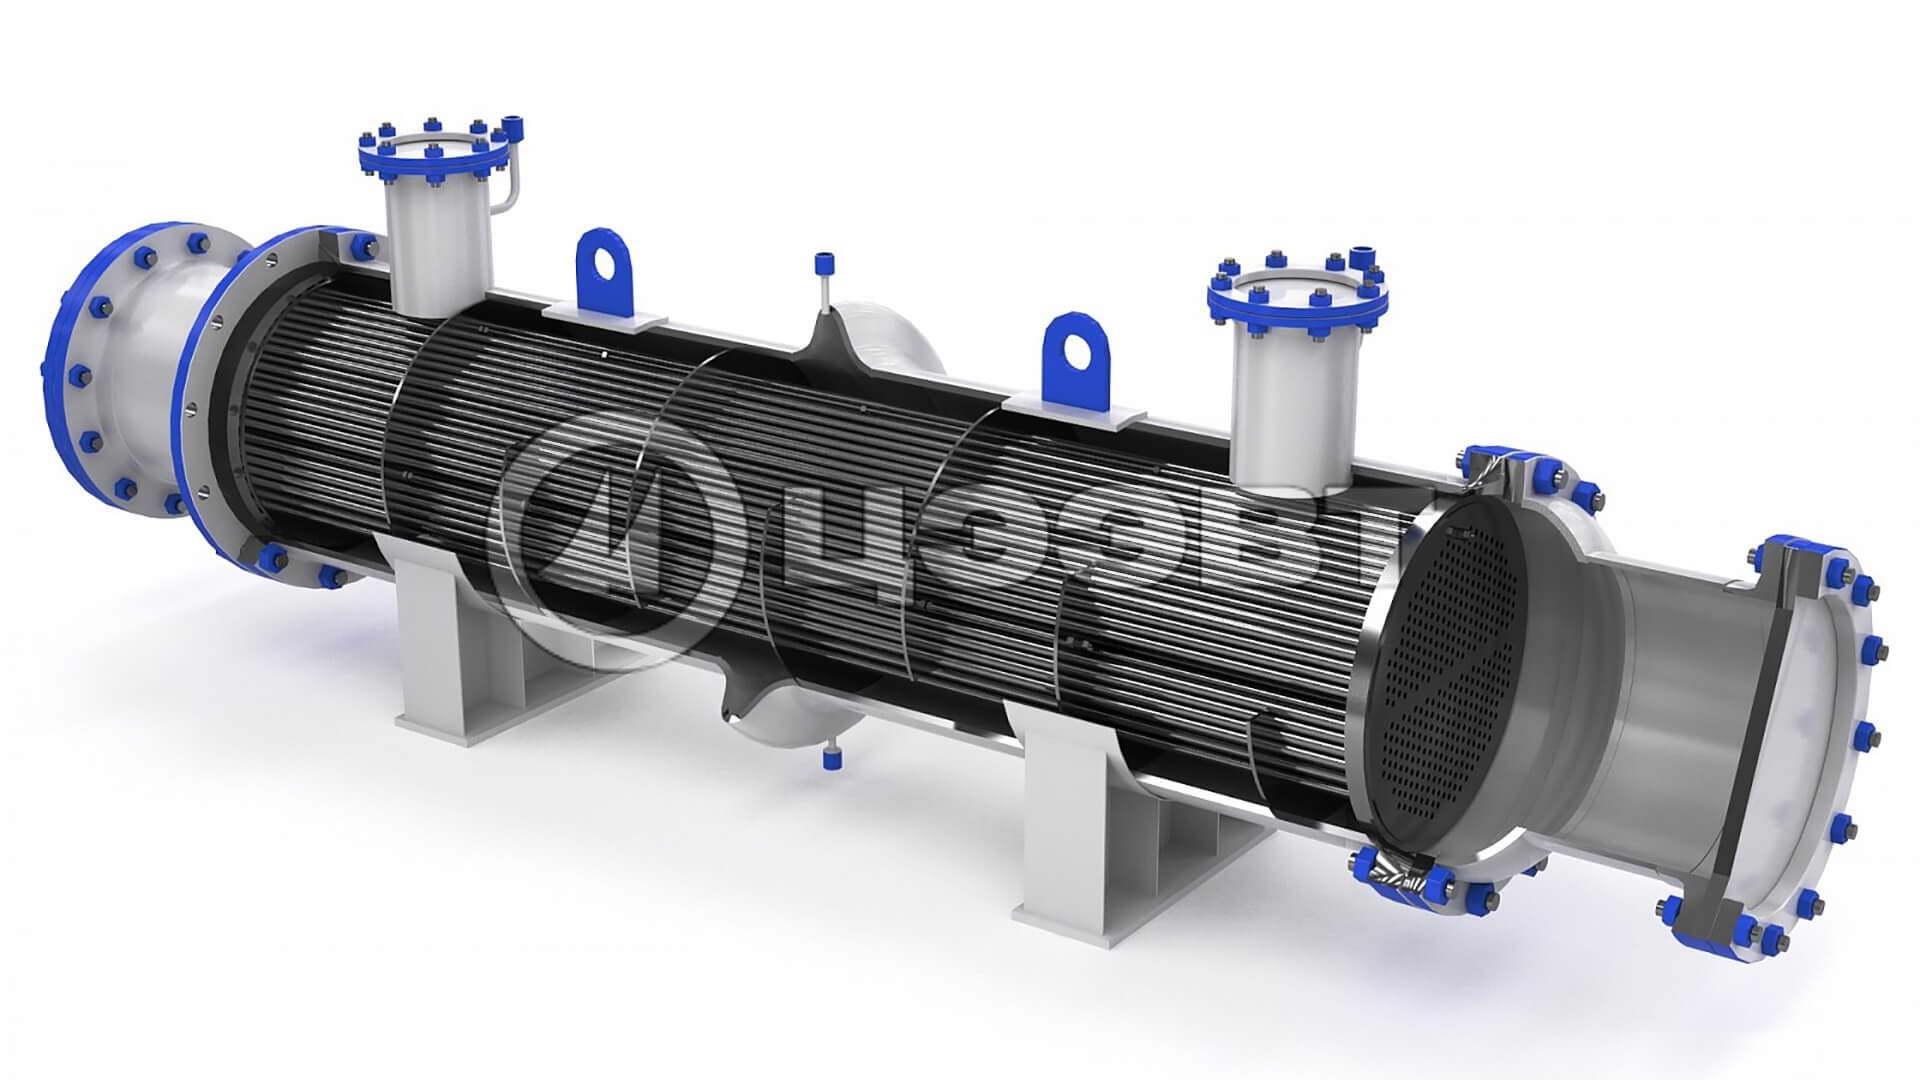 Недостатки трубчатых теплообменников Пластины теплообменника Sondex S9 Таганрог